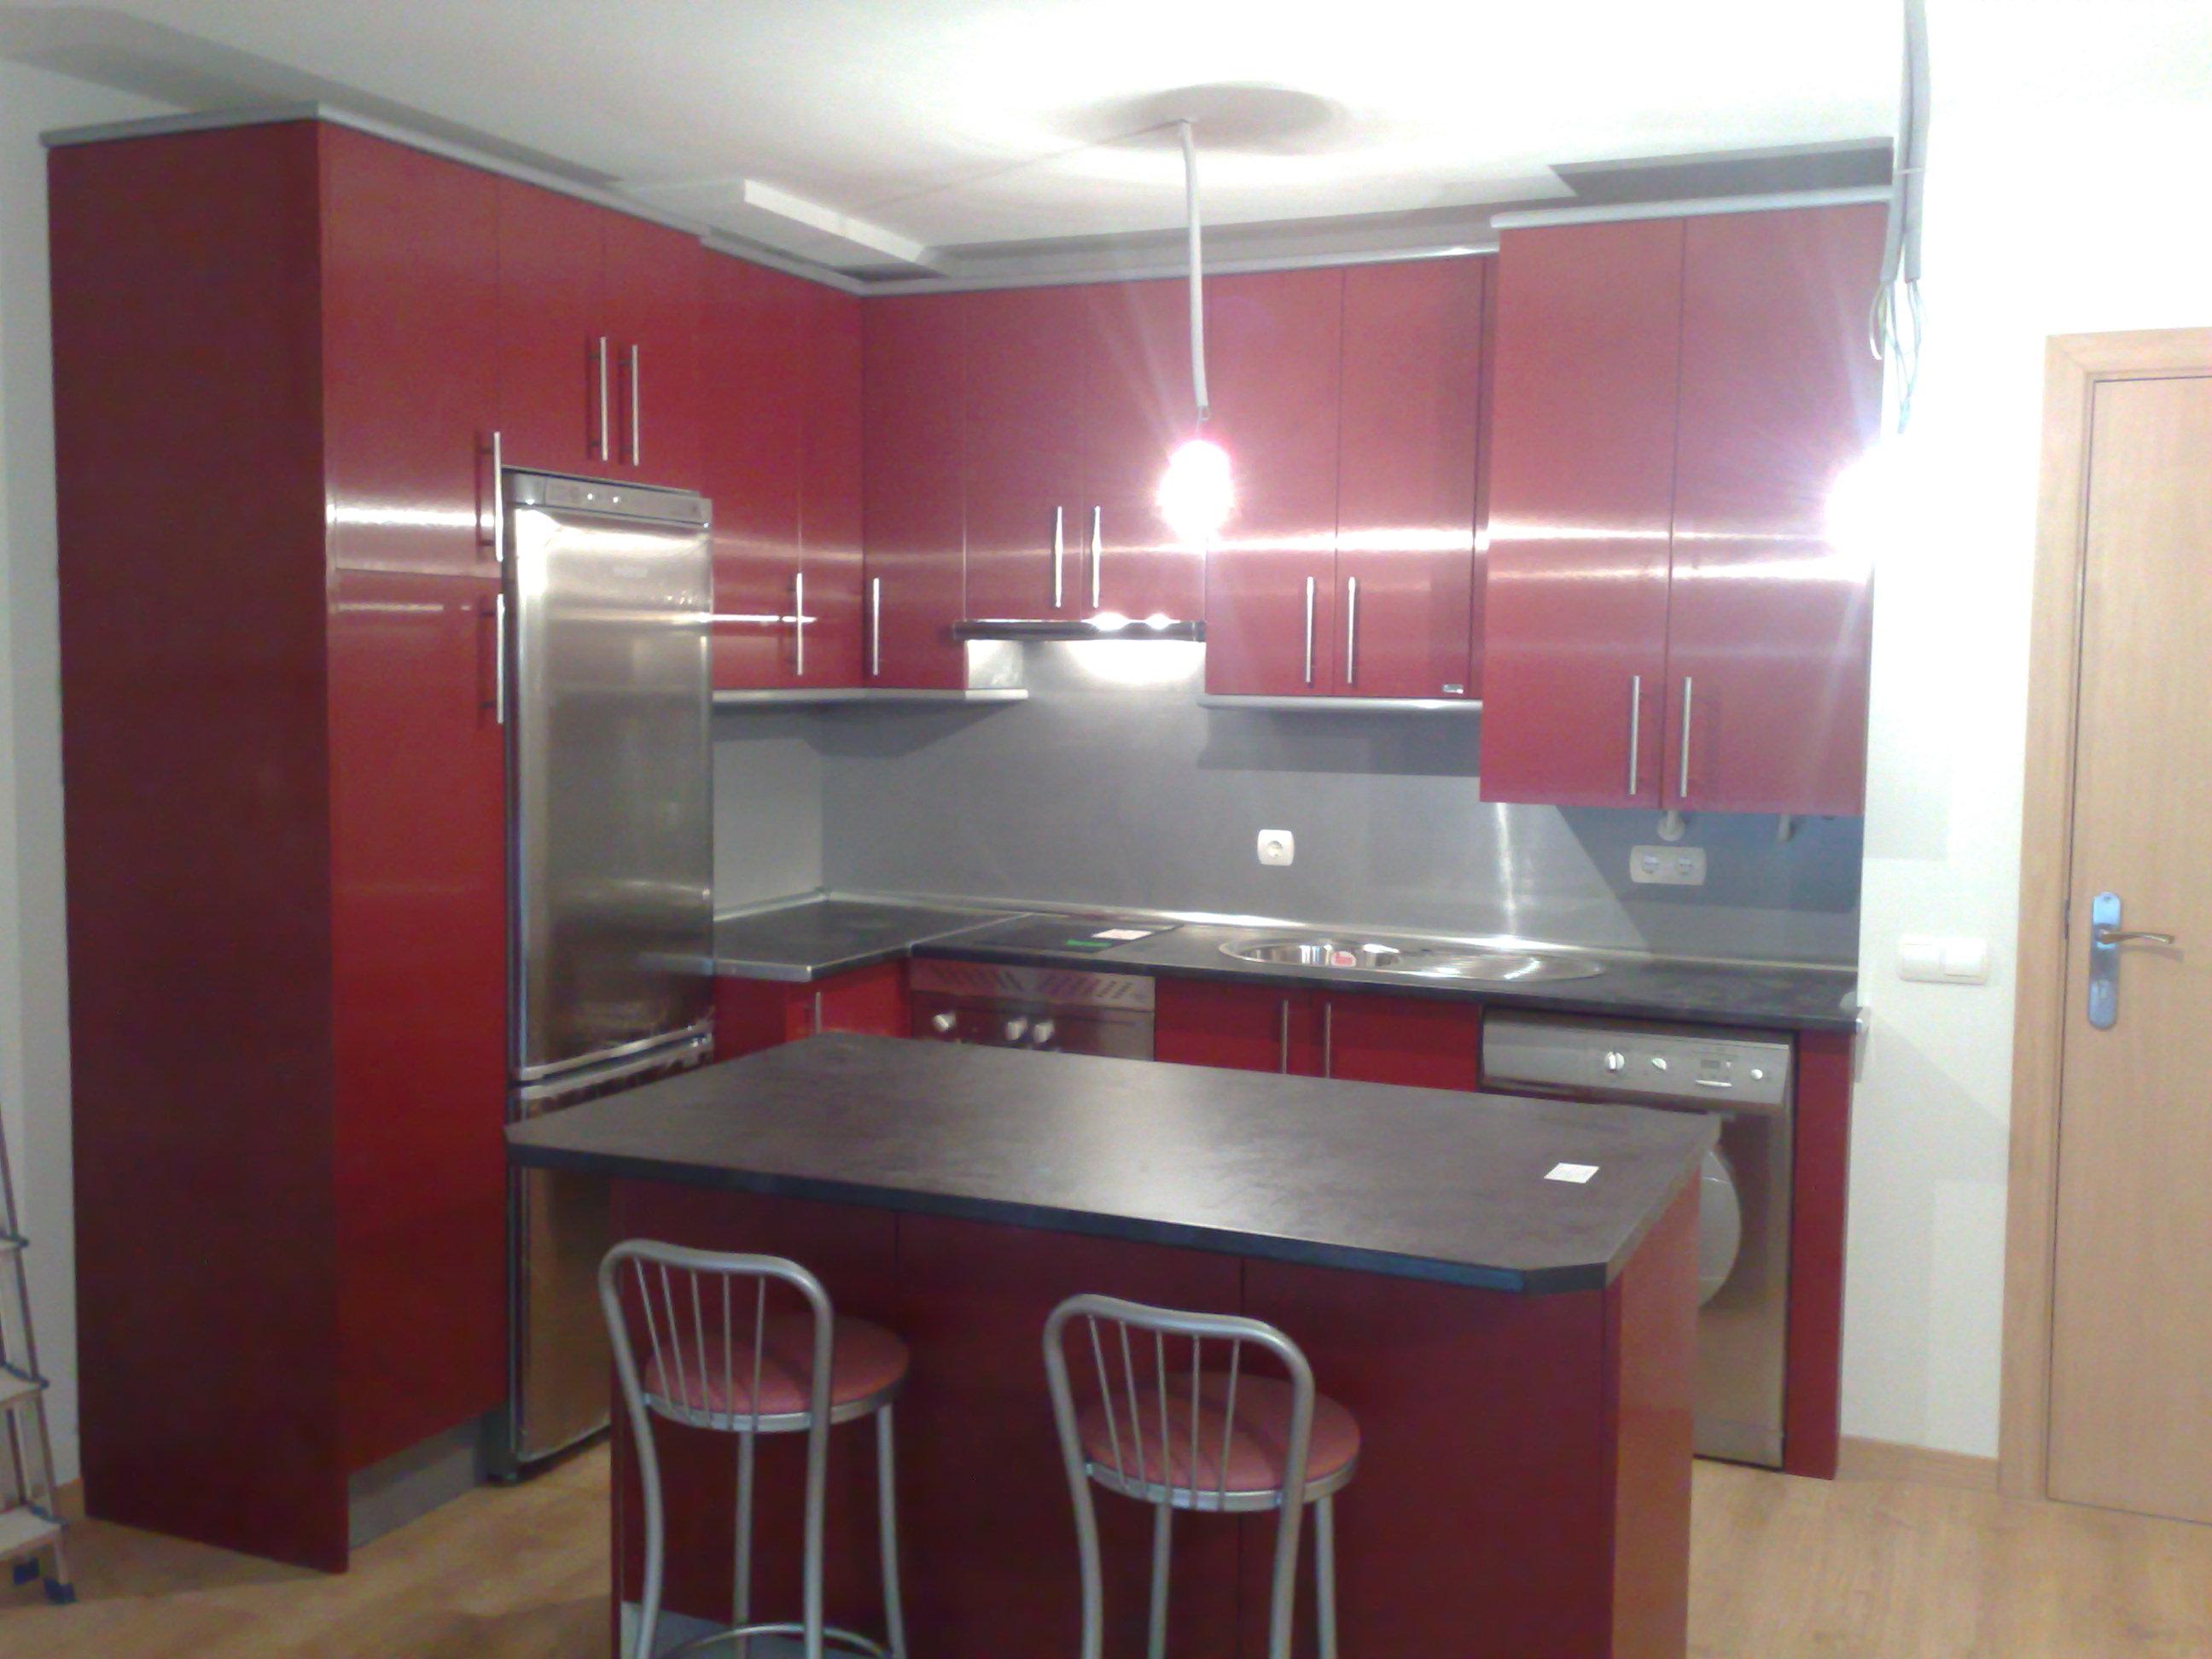 Muebles Valdecocina - Muebles de Cocina